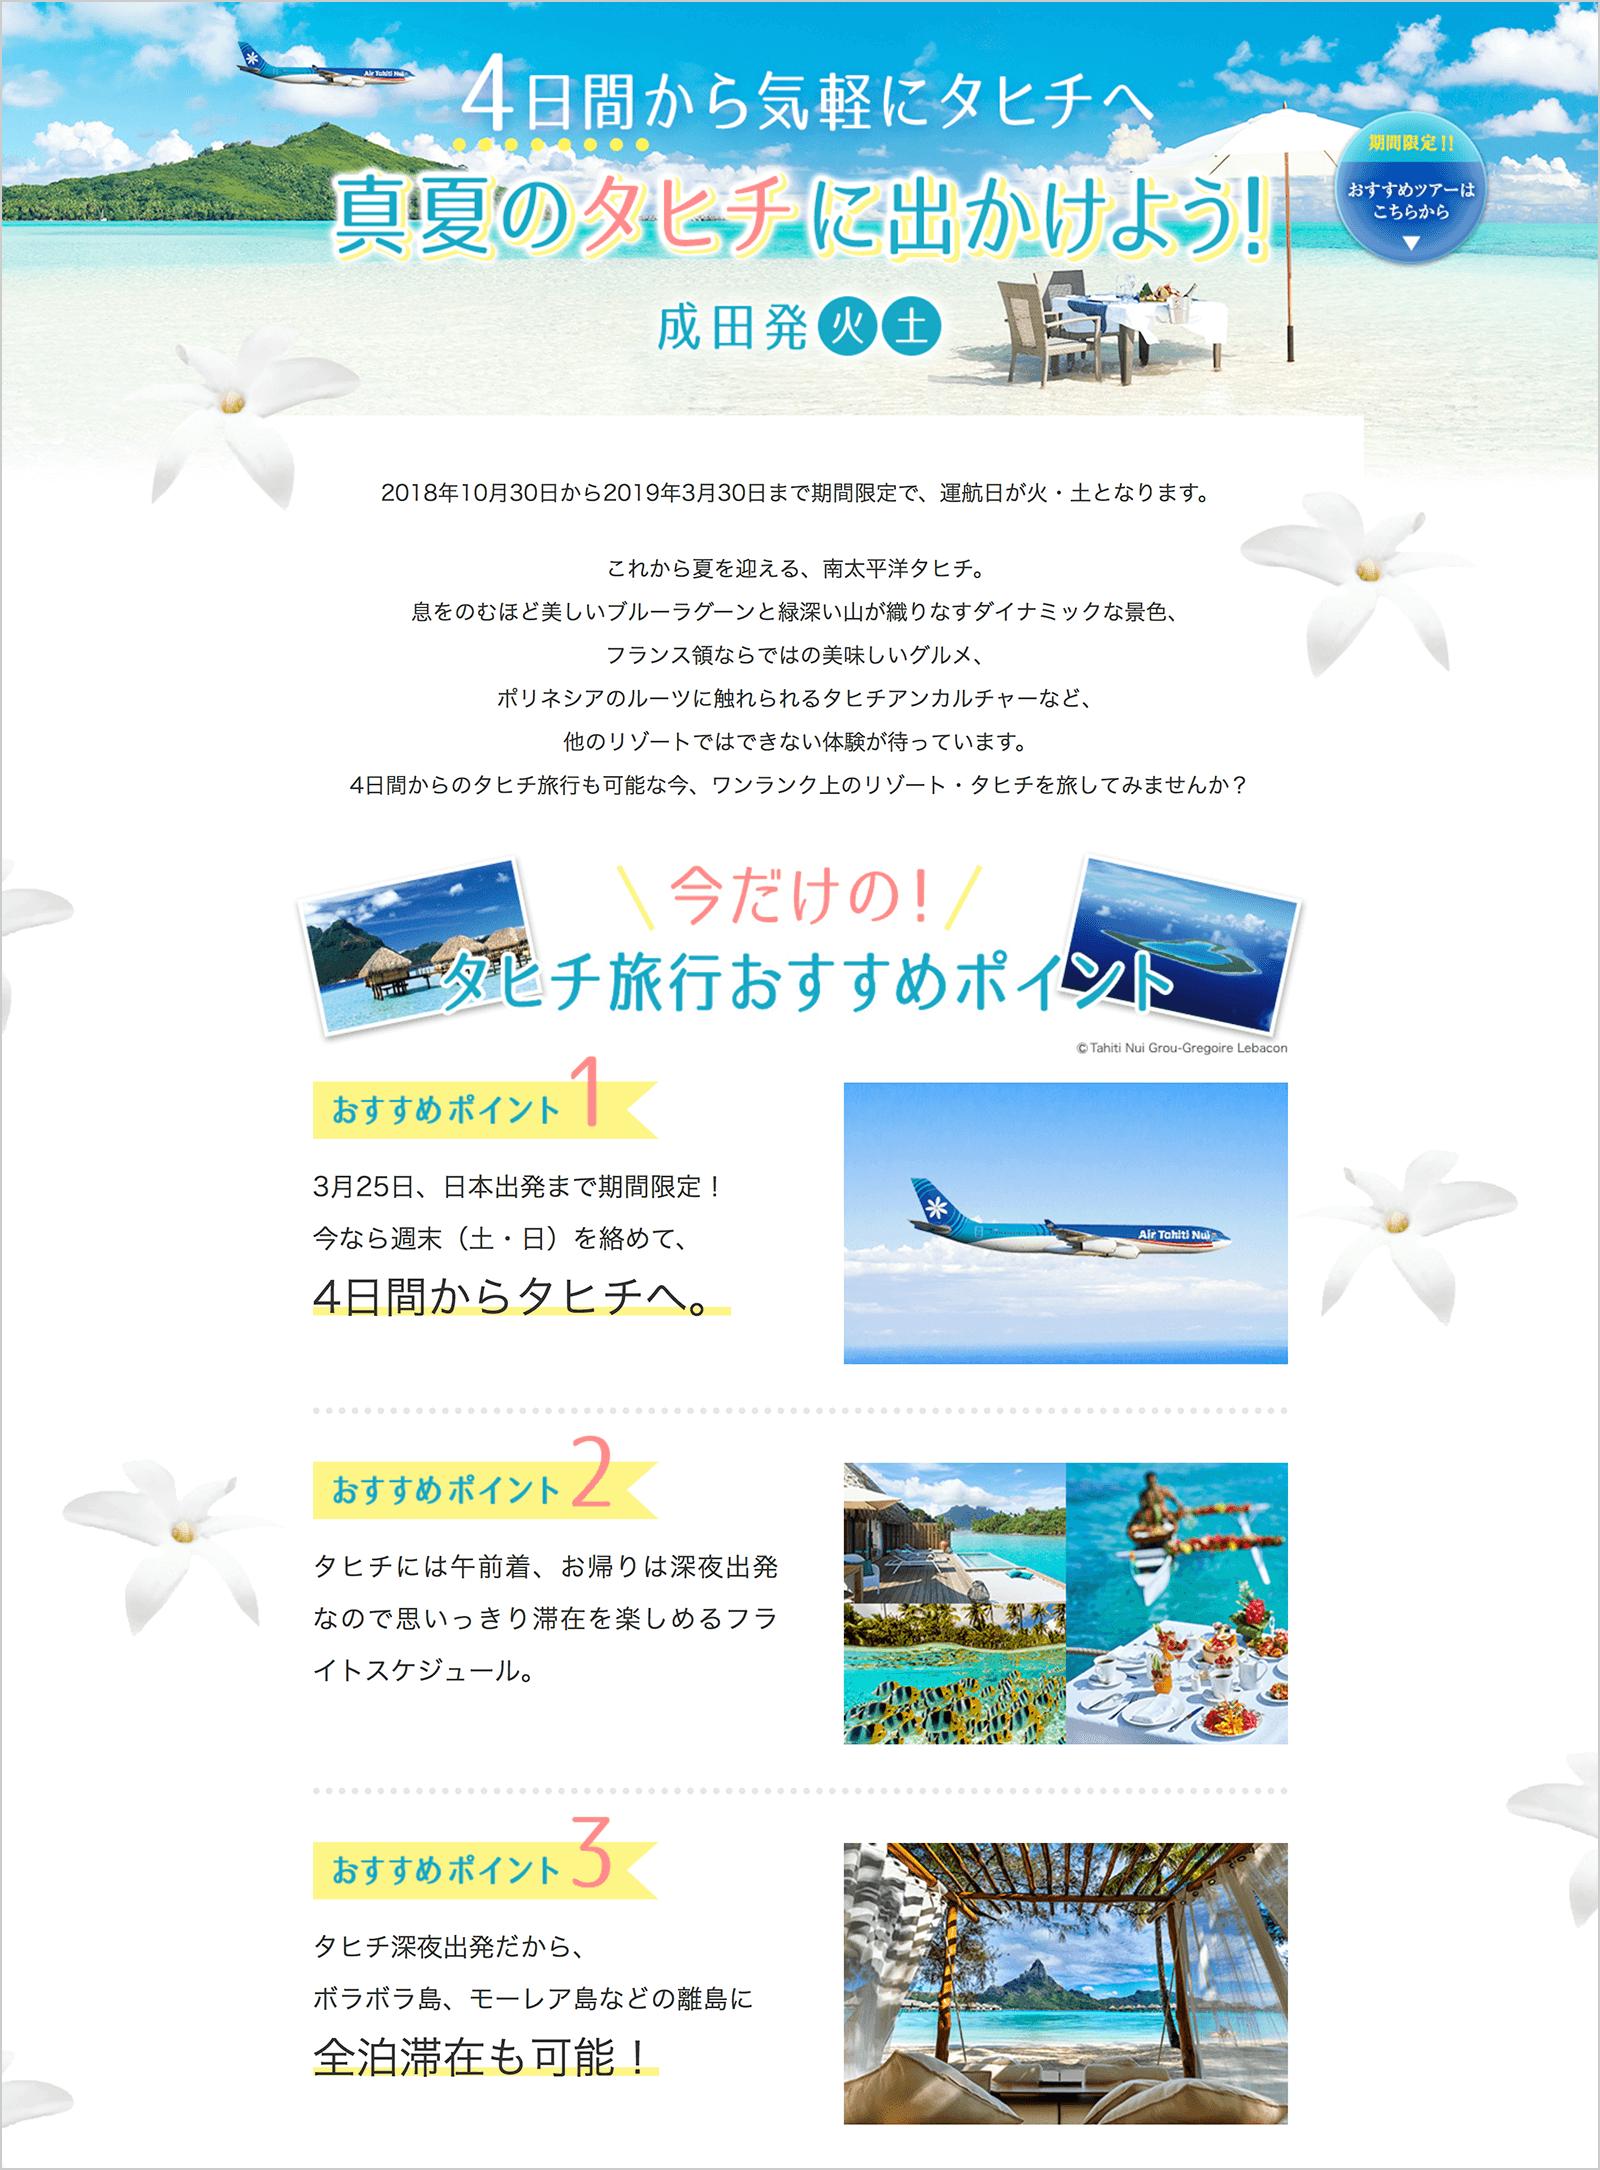 Air Tahiti Nui キャンペーンページ